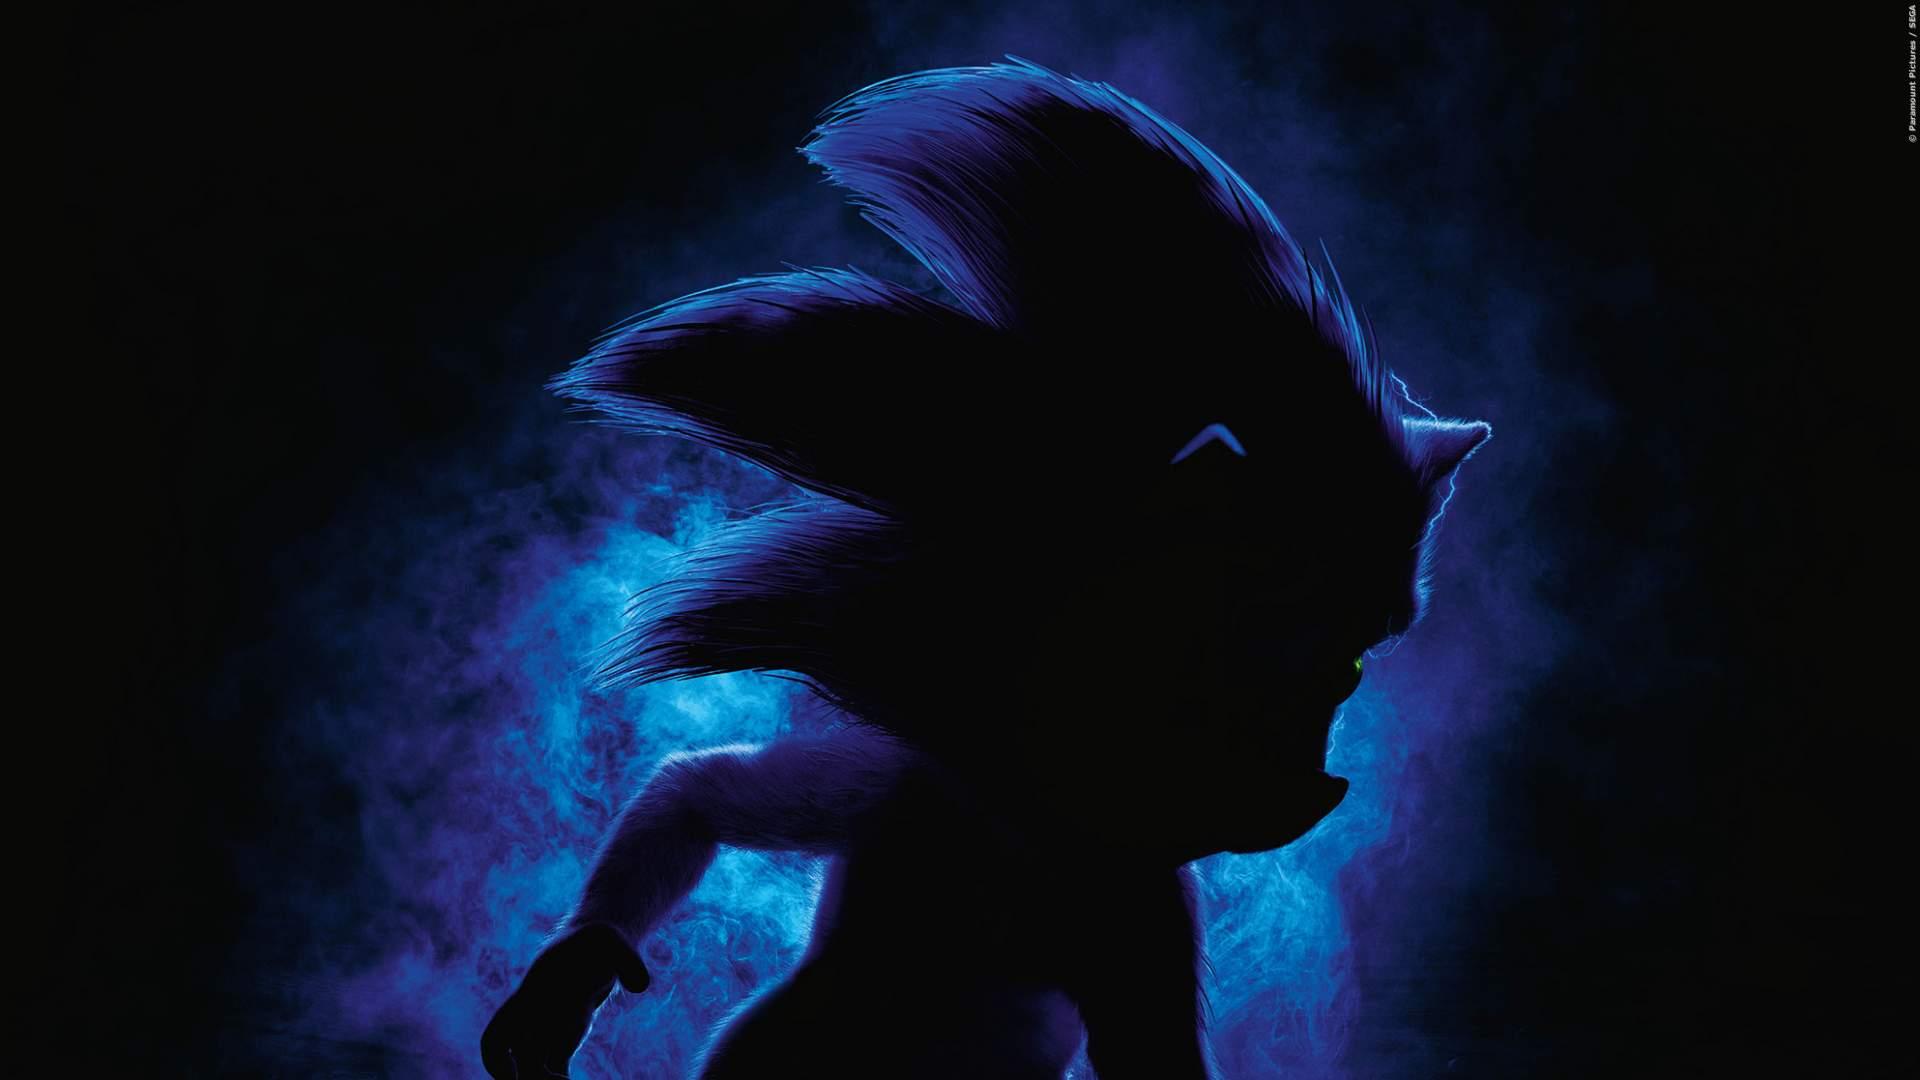 ÜBERARBEITET: Sonic wurde nach dem ersten Trailer ausgelacht - Jetzt sieht er so aus